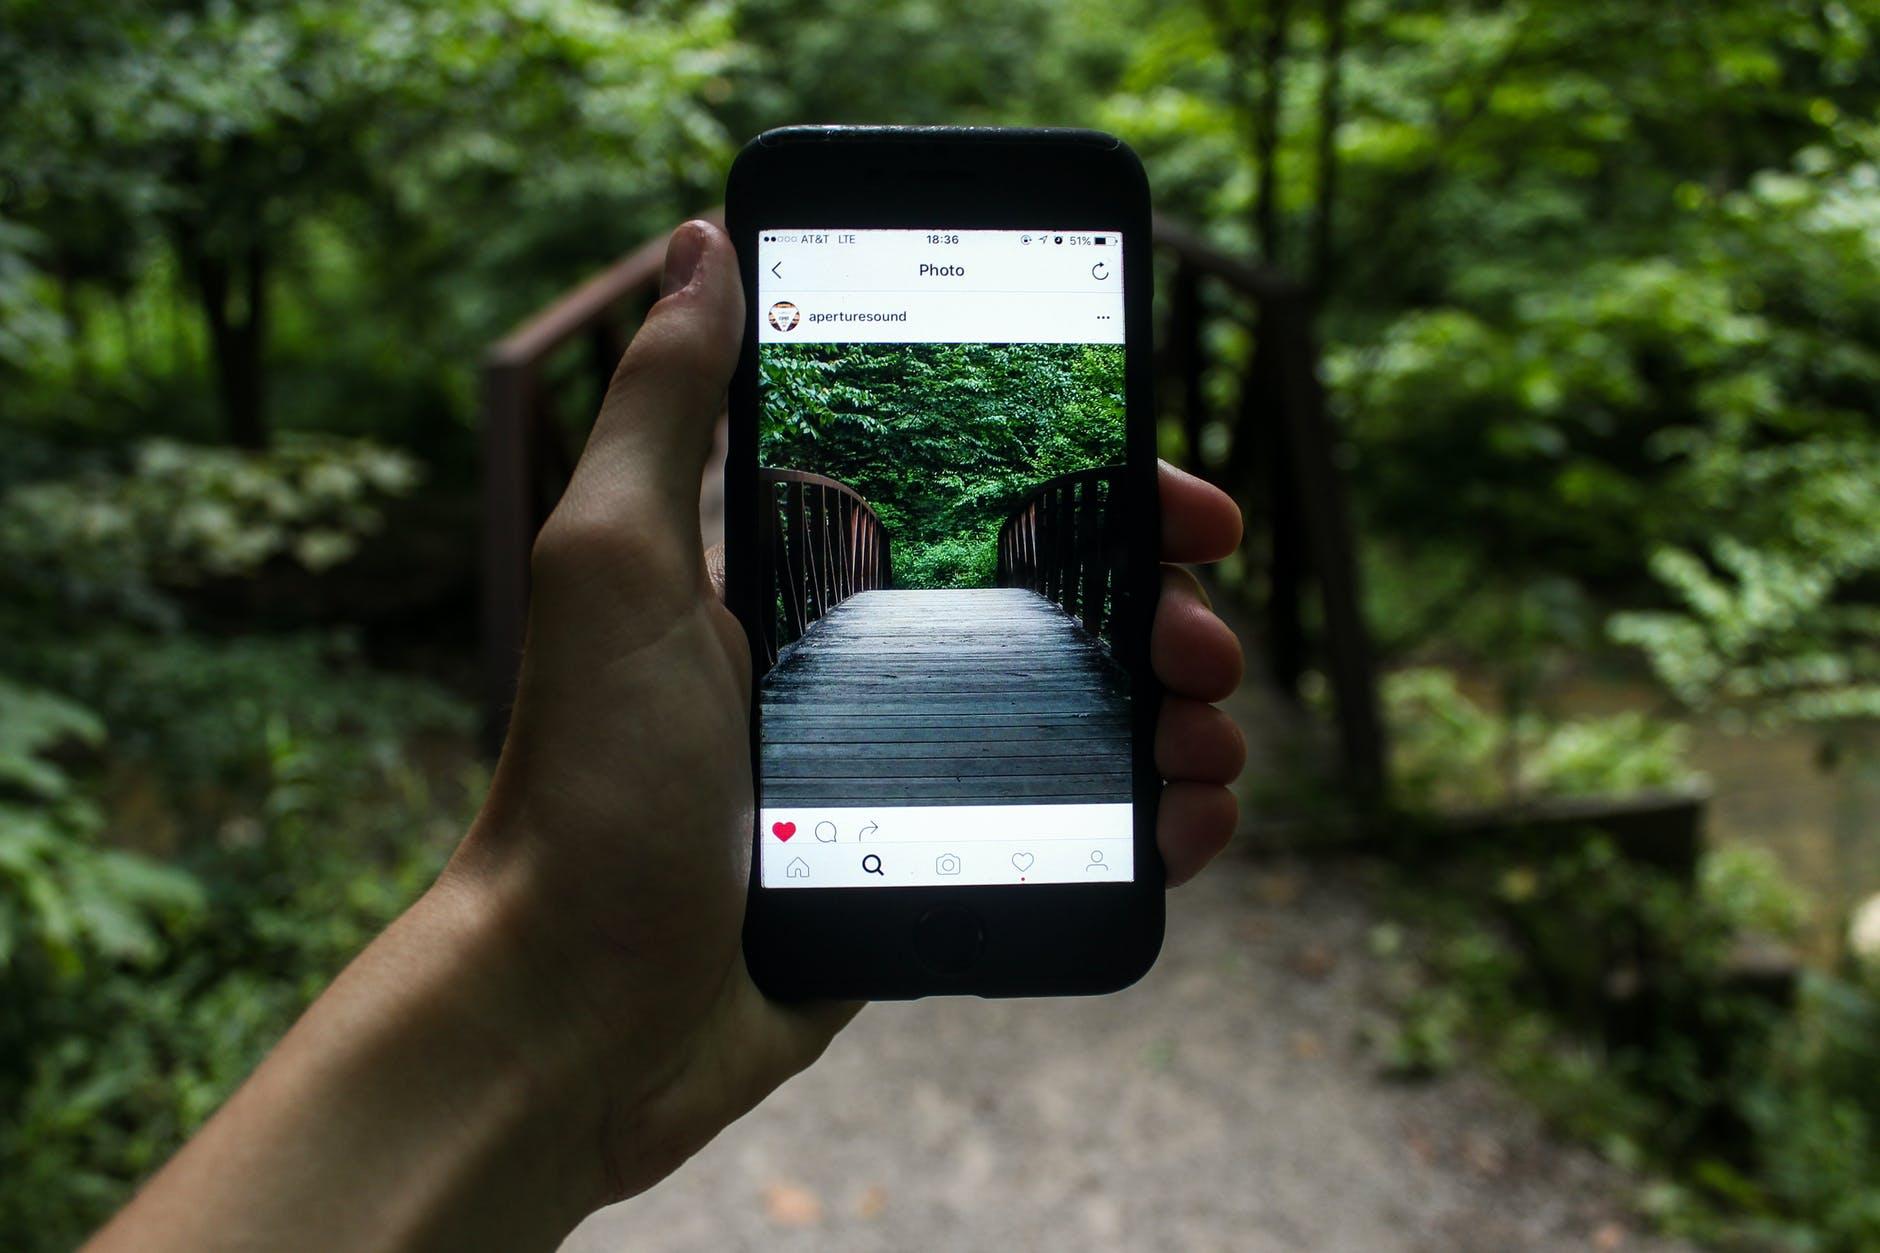 Tourisme : quelle stratégie de contenu adopter en 2021 ?